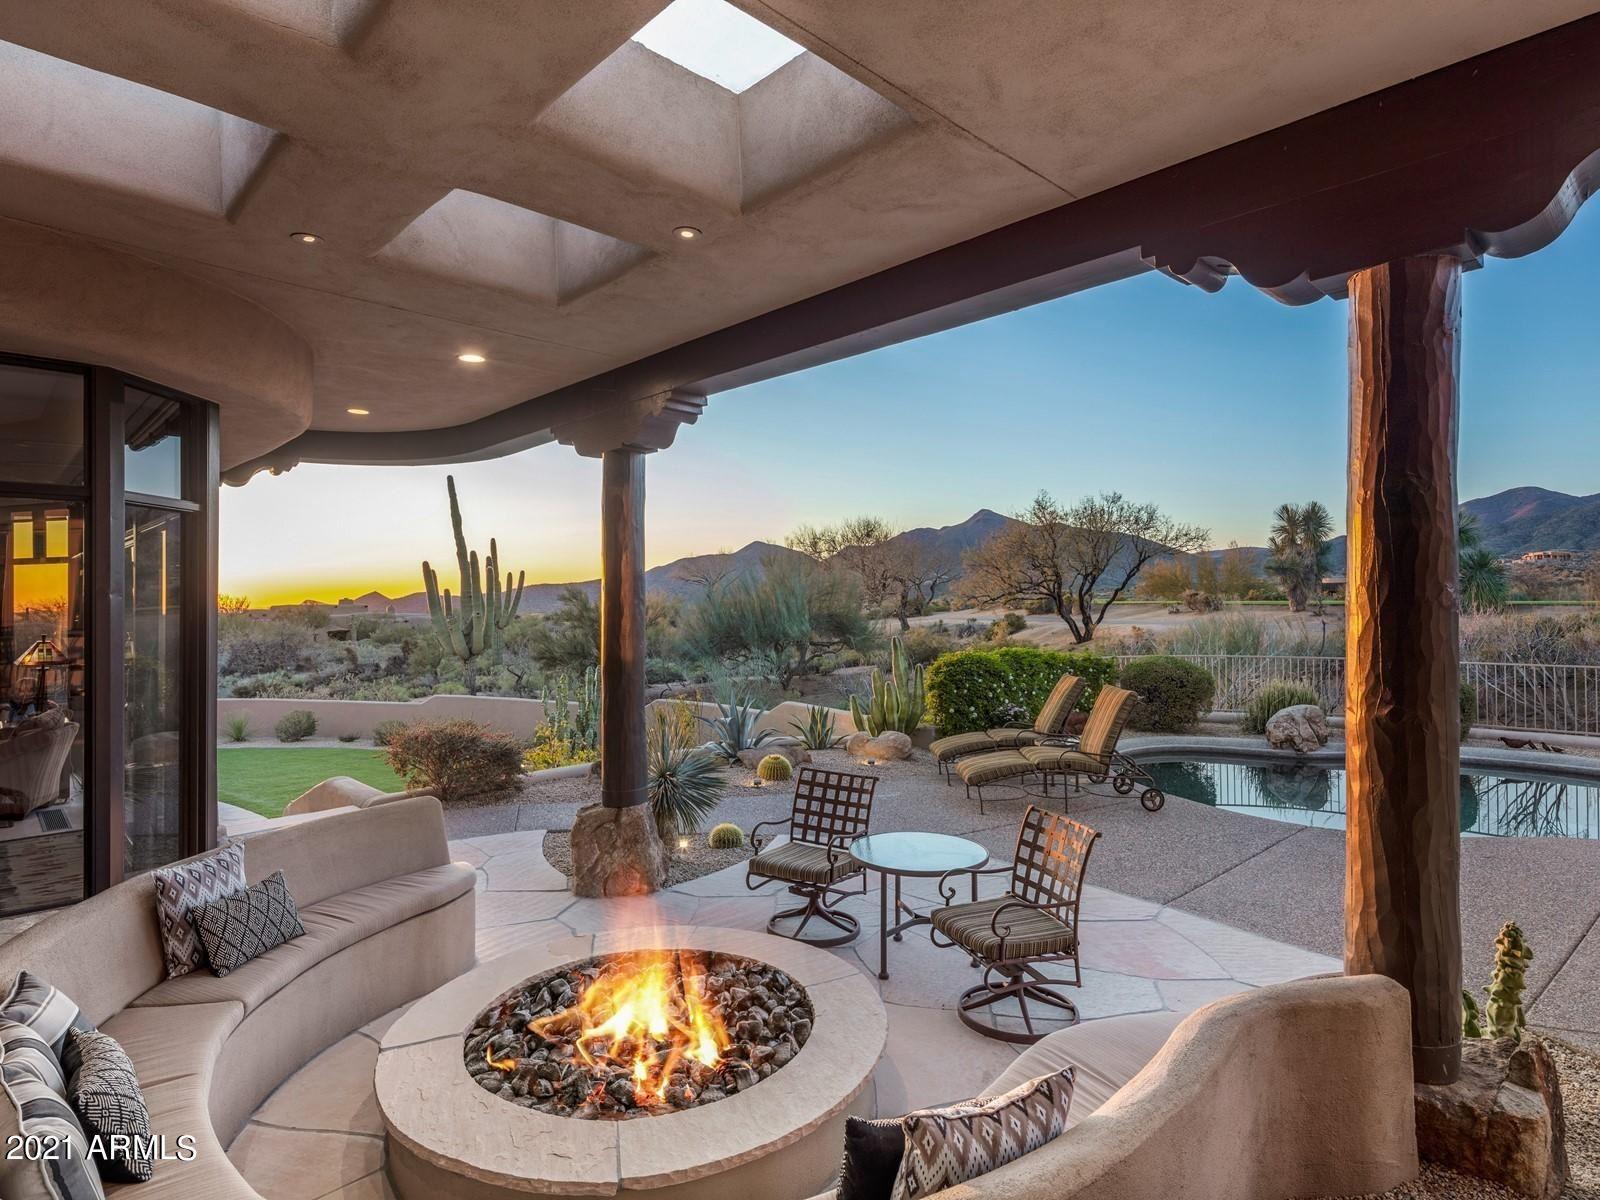 40065 N 103RD Way, Scottsdale, AZ 85262 - MLS#: 6210576